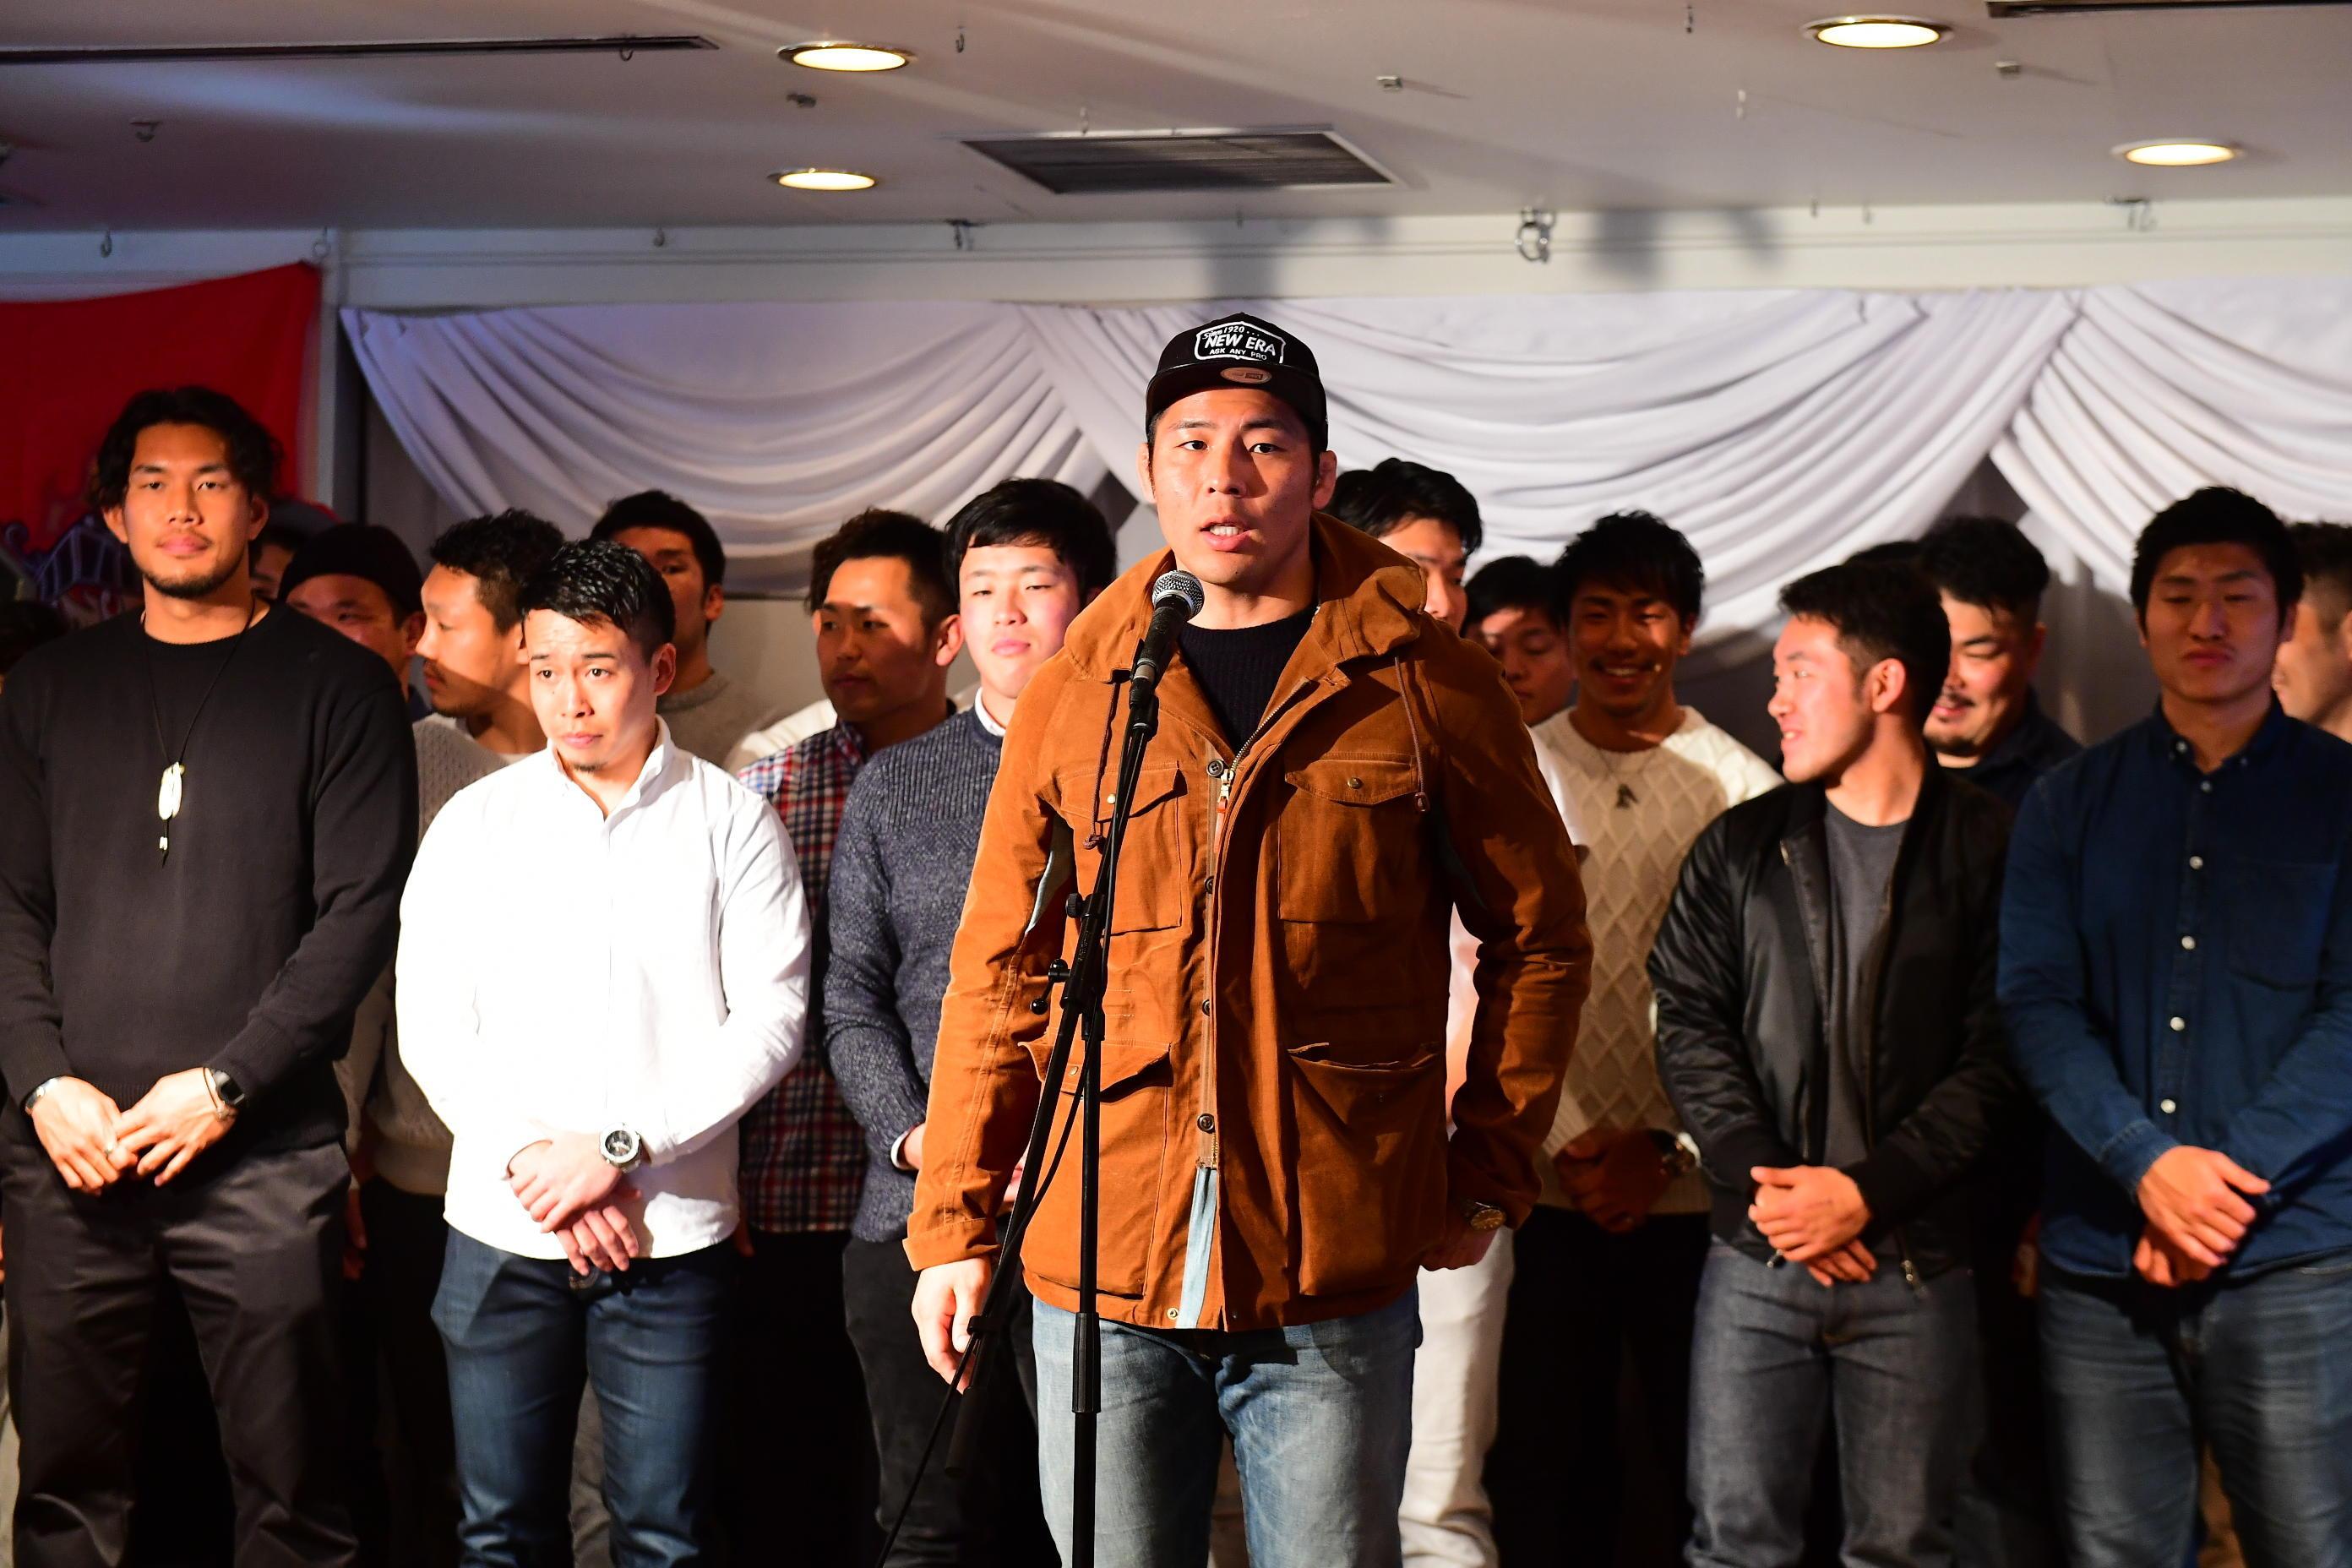 http://news.yoshimoto.co.jp/20170314171616-7332fa21c2696e909ce72b21f0b4f5505c4277c7.jpg